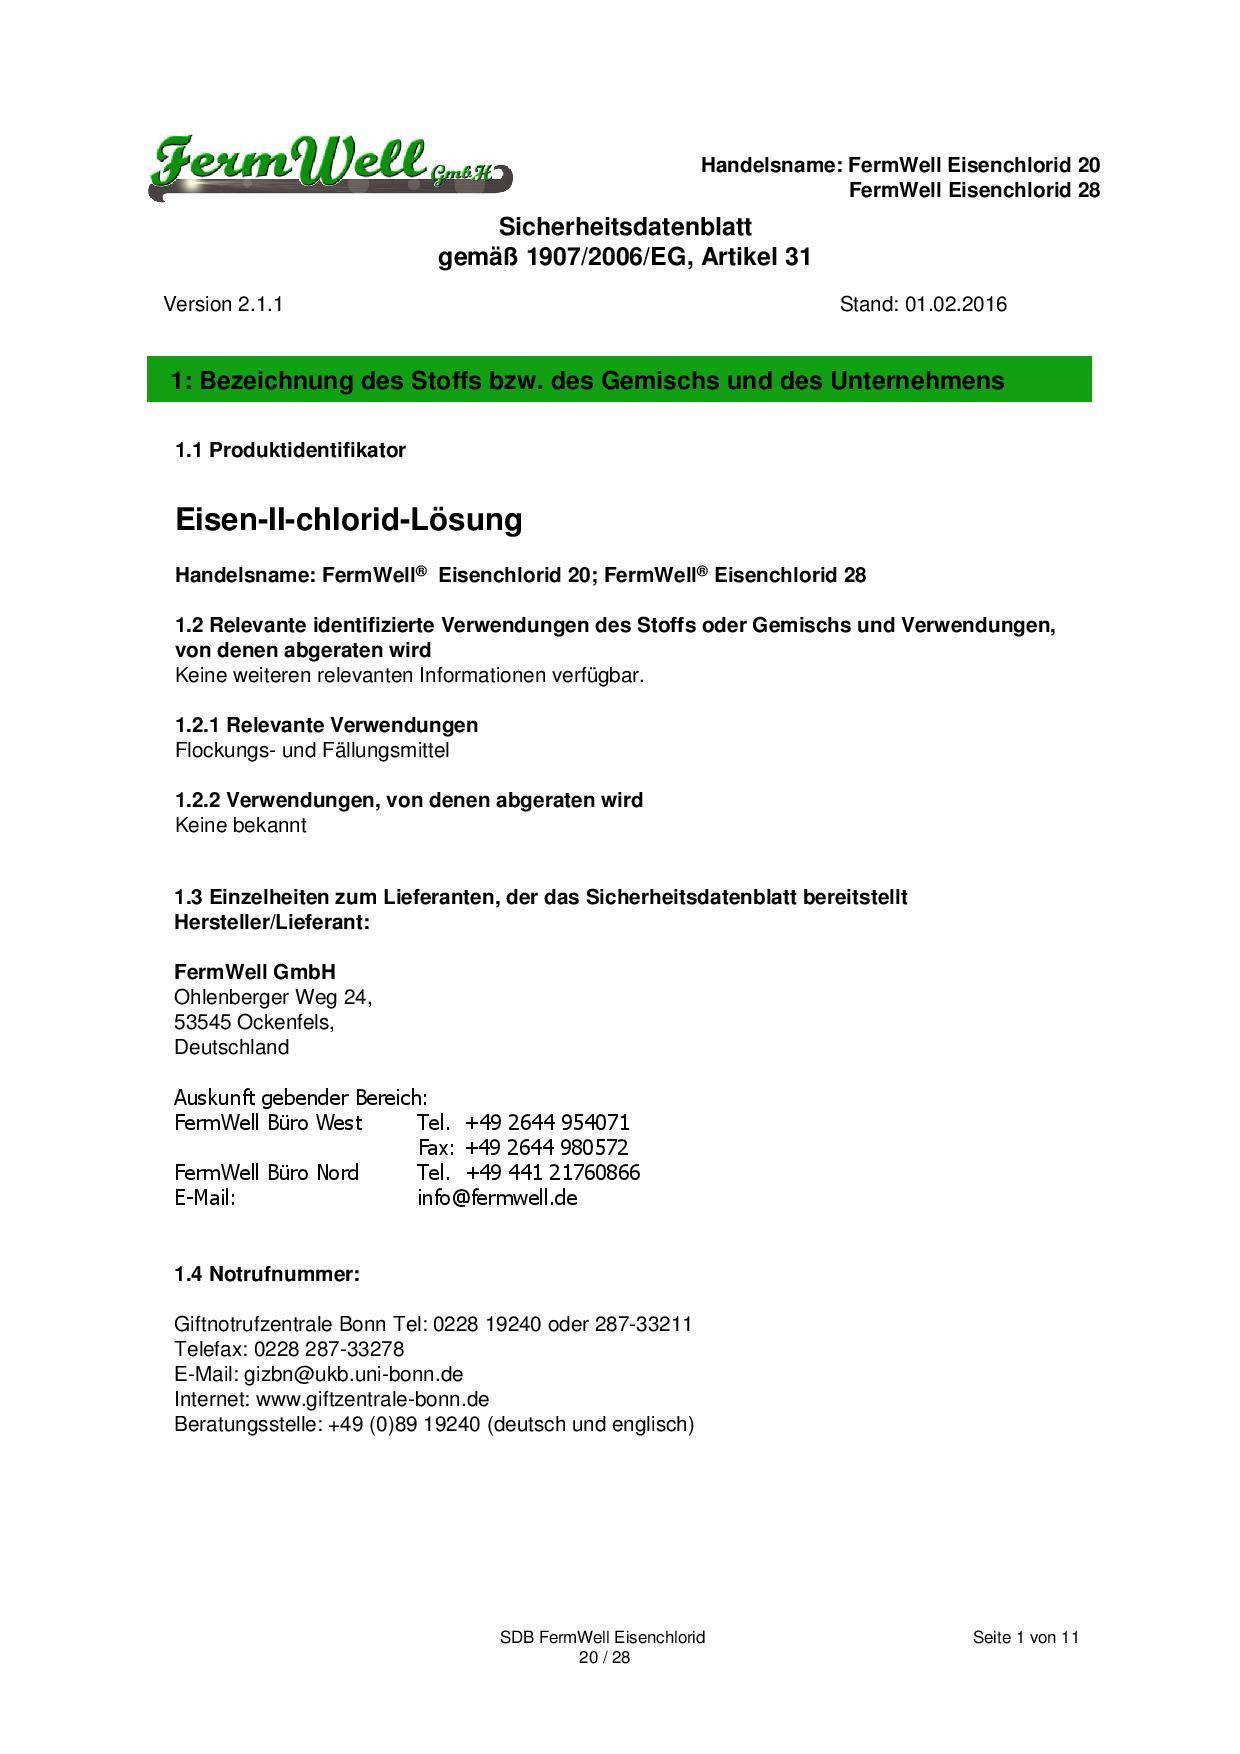 FWG_Eisenchlorid_20-28 Sicherheitsdb_161